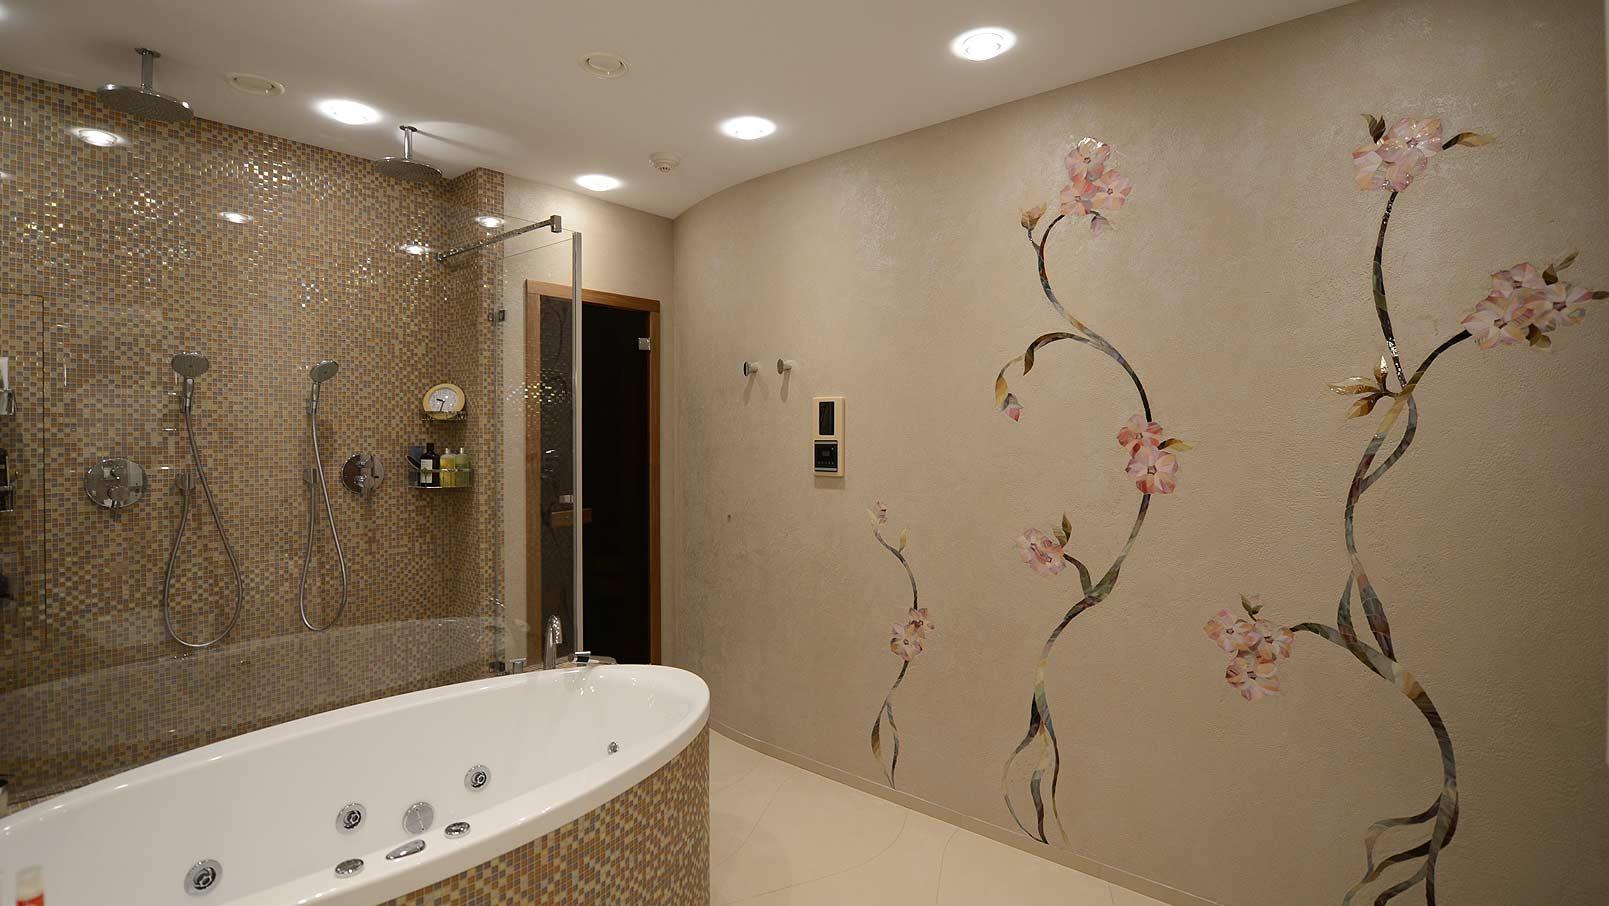 Коричневая декоративная штукатурка и мозаика в ванной